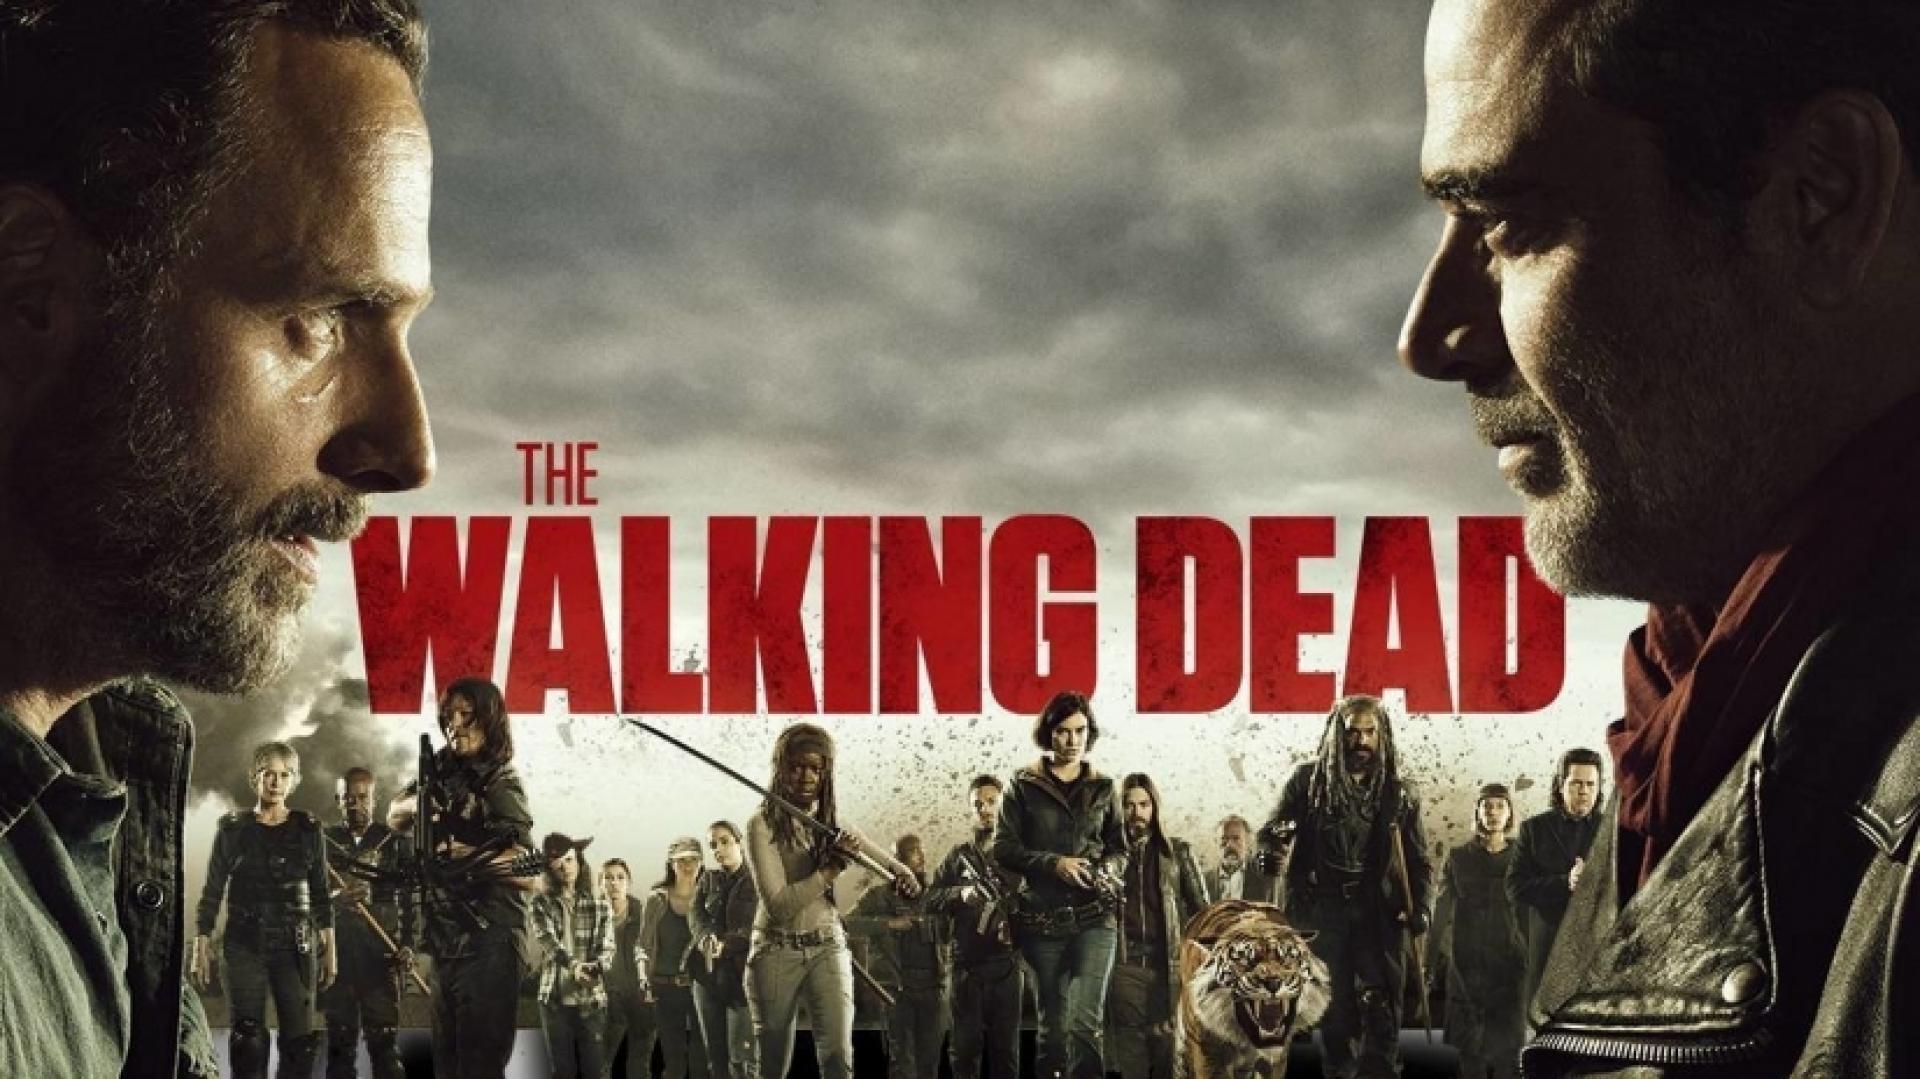 The Walking Dead 8. évadának értékelése